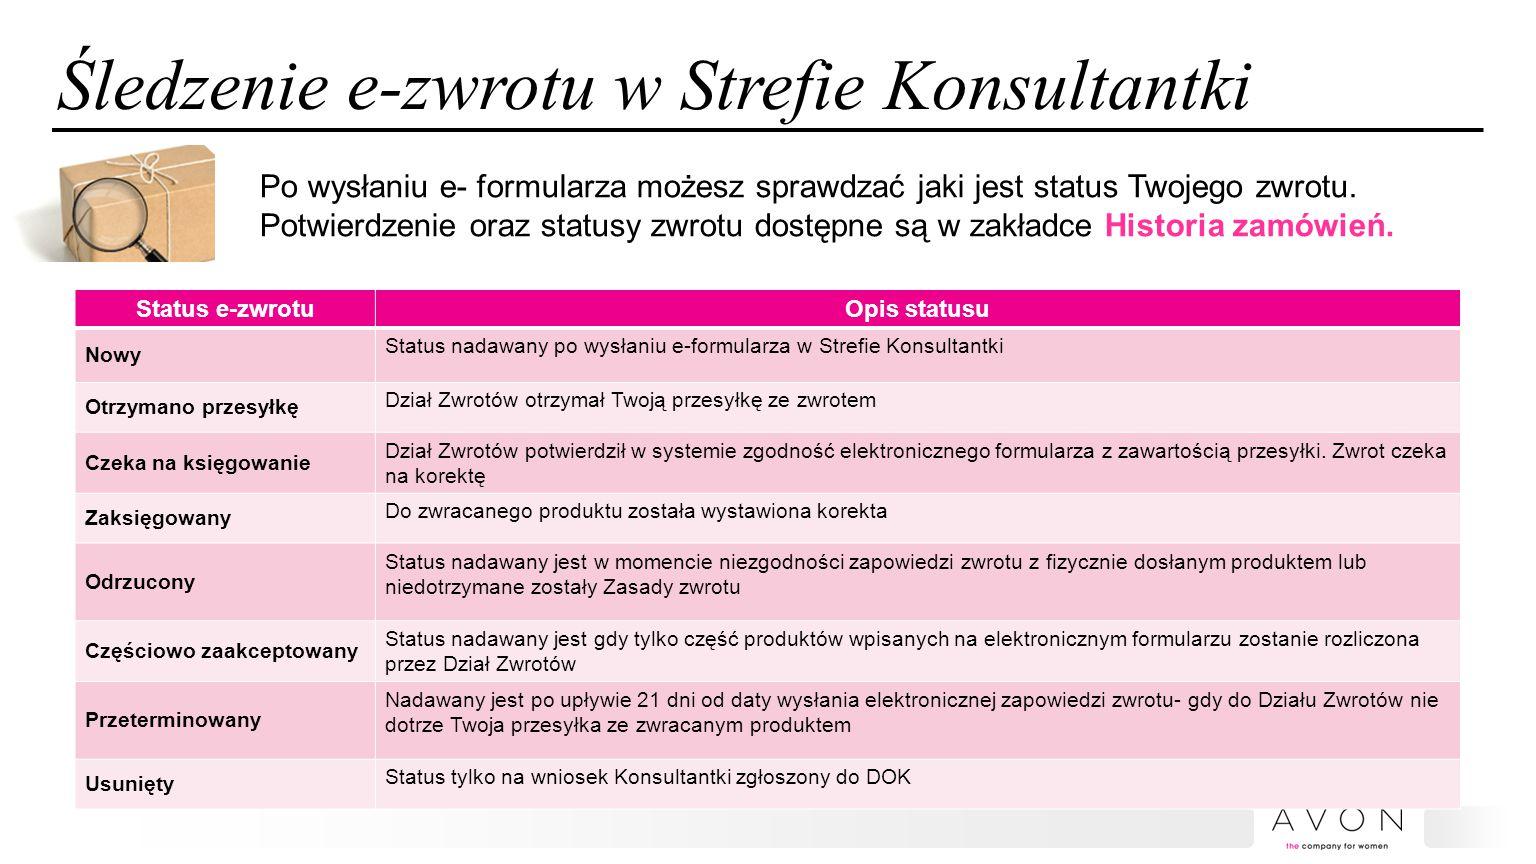 Śledzenie e-zwrotu w Strefie Konsultantki Status e-zwrotuOpis statusu Nowy Status nadawany po wysłaniu e-formularza w Strefie Konsultantki Otrzymano p